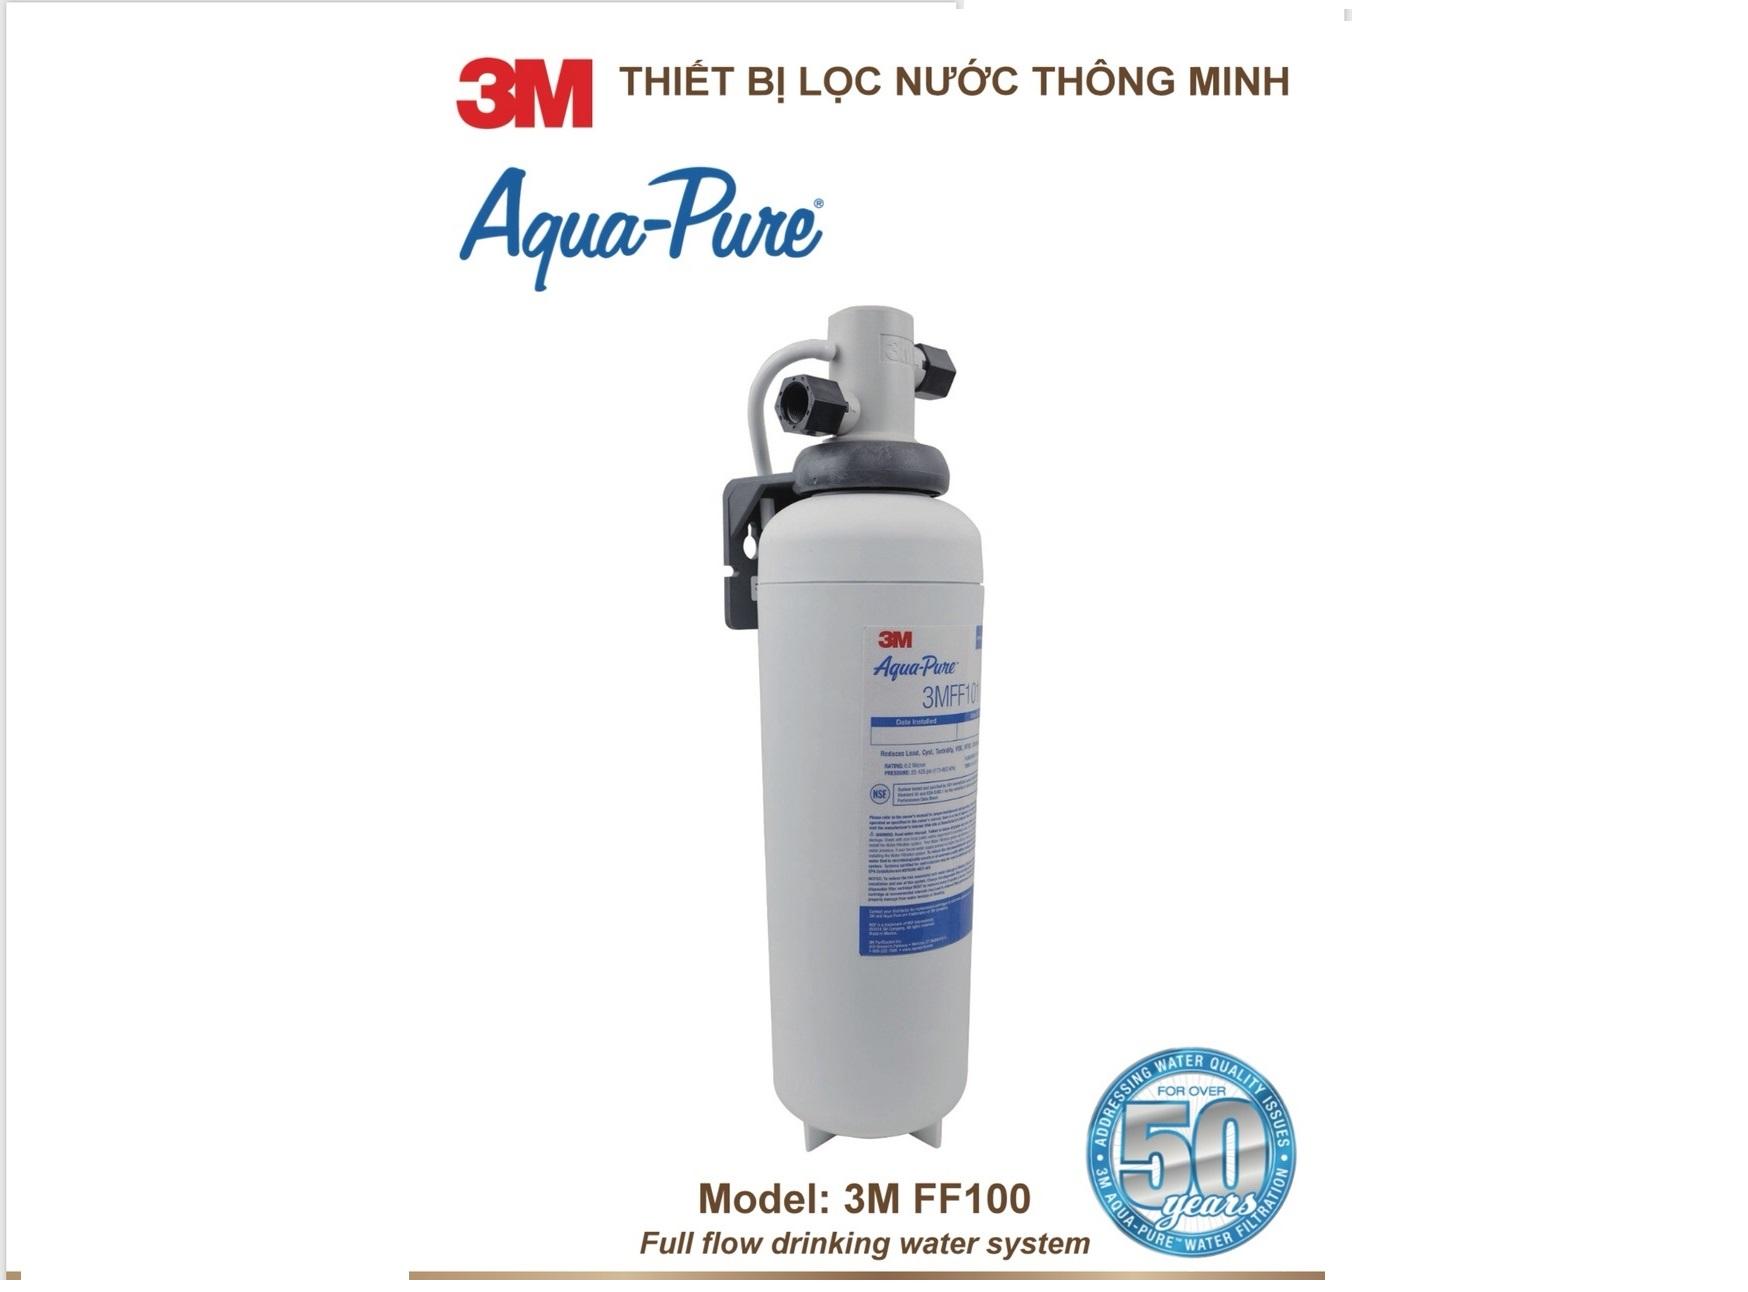 Thiết bị lọc nước thông minh Aqua Pure